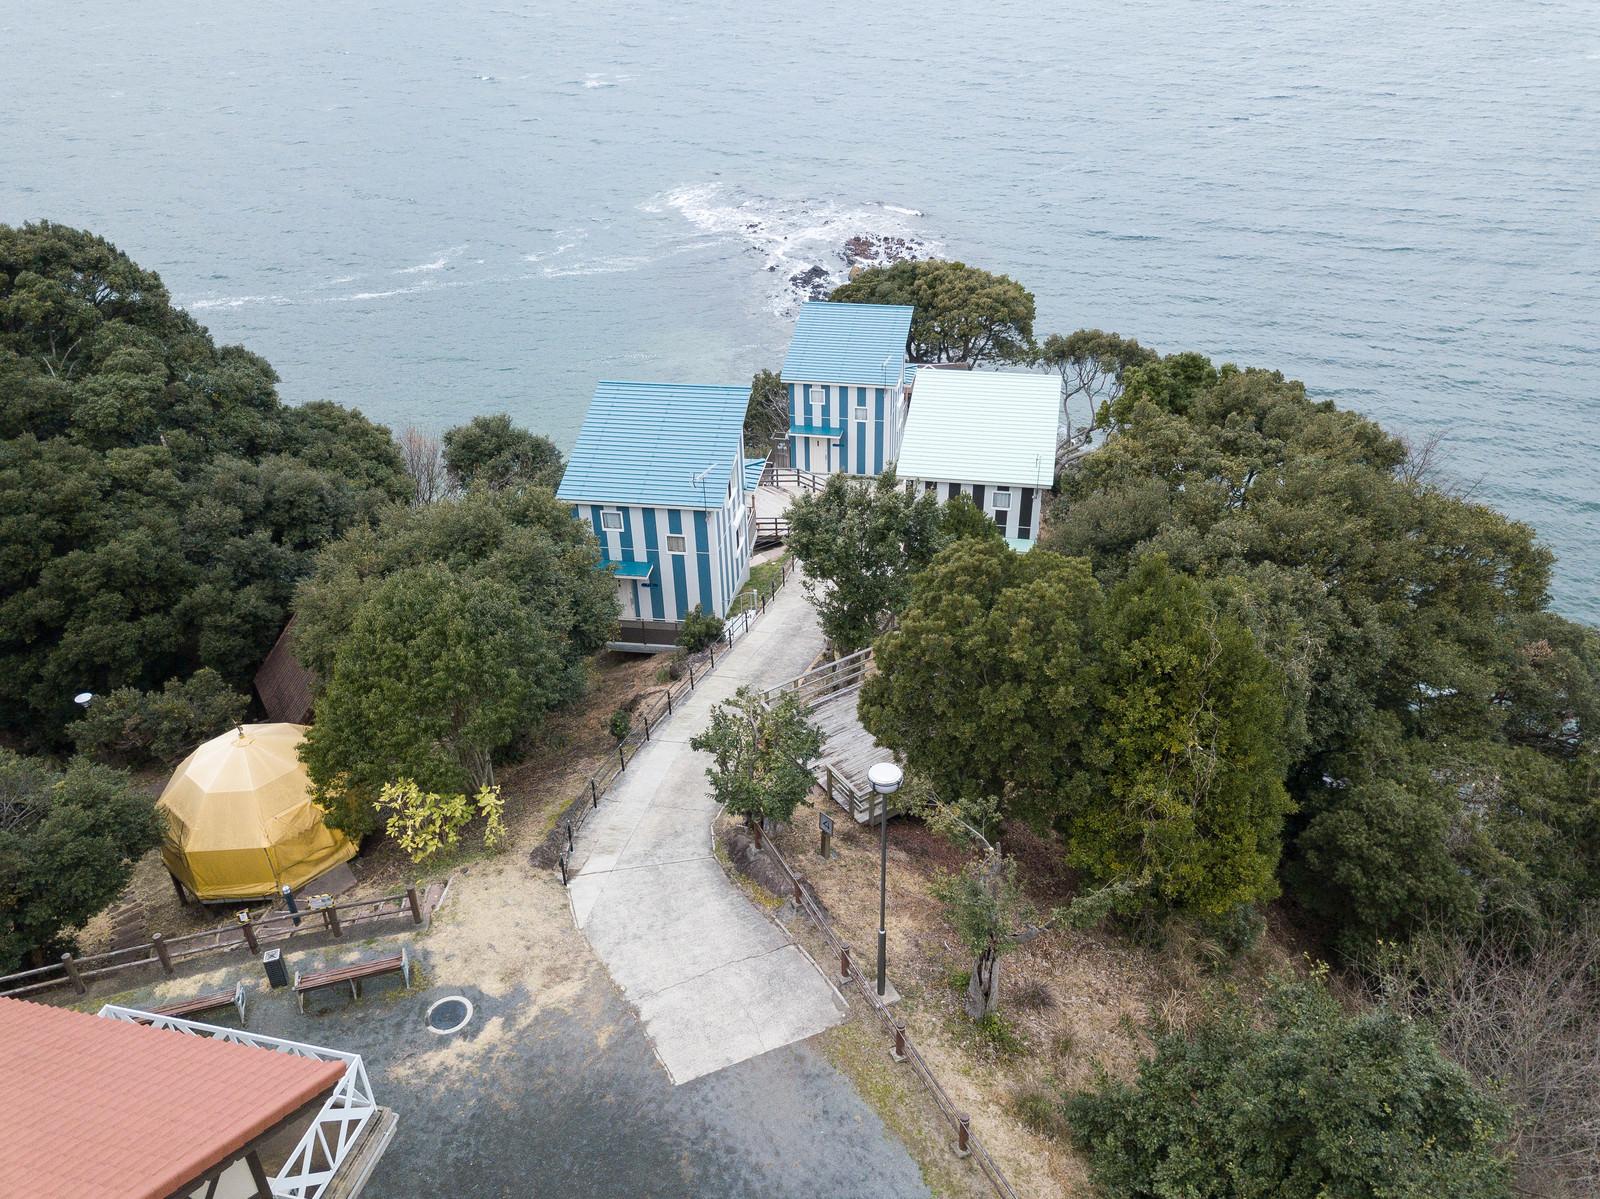 「崎野自然公園にある宿泊のできるコテージ」の写真